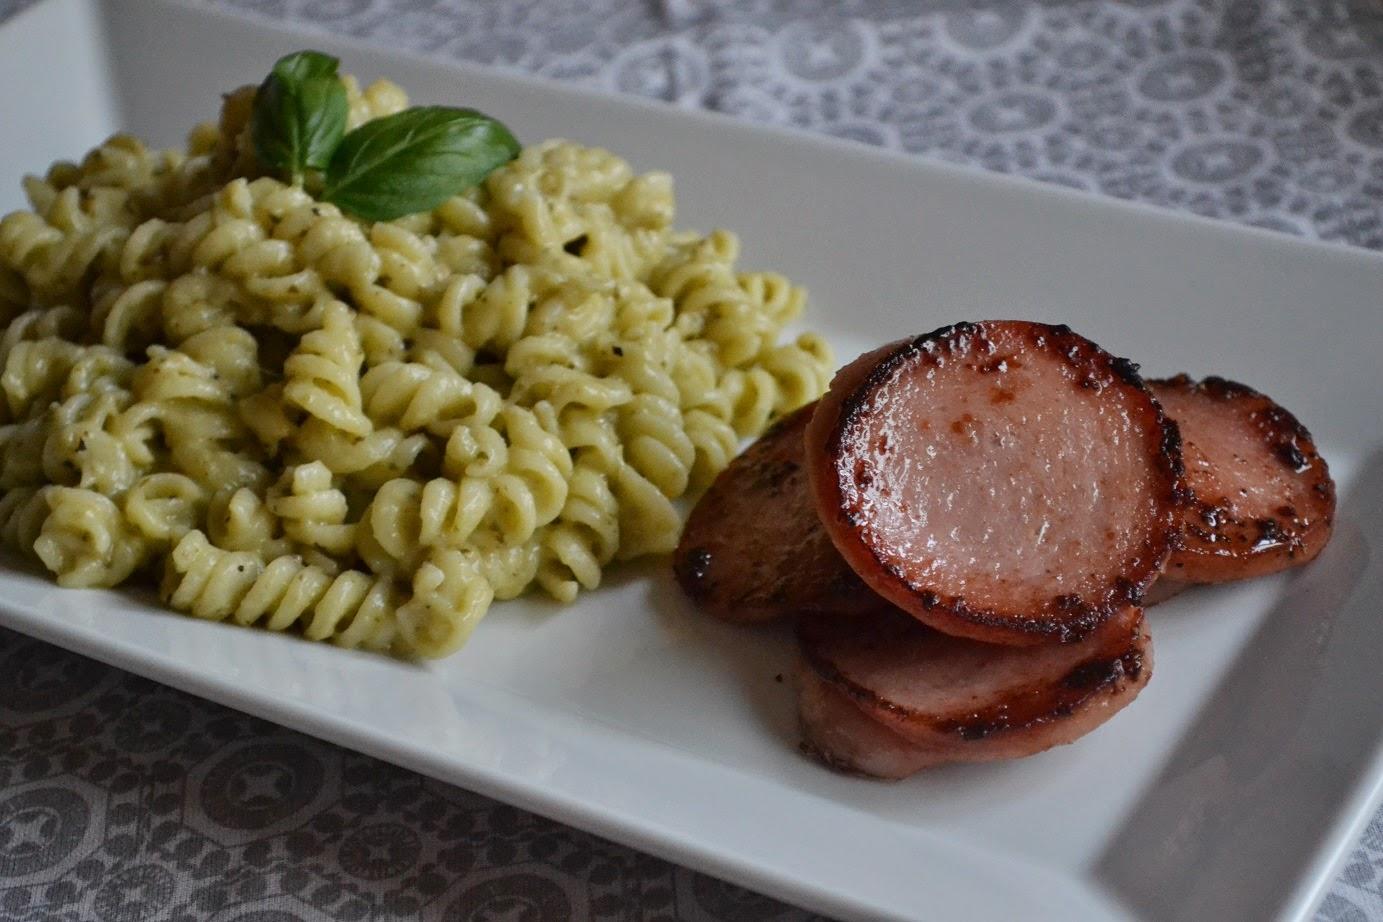 Stekt falukorv med pestostuvad pasta